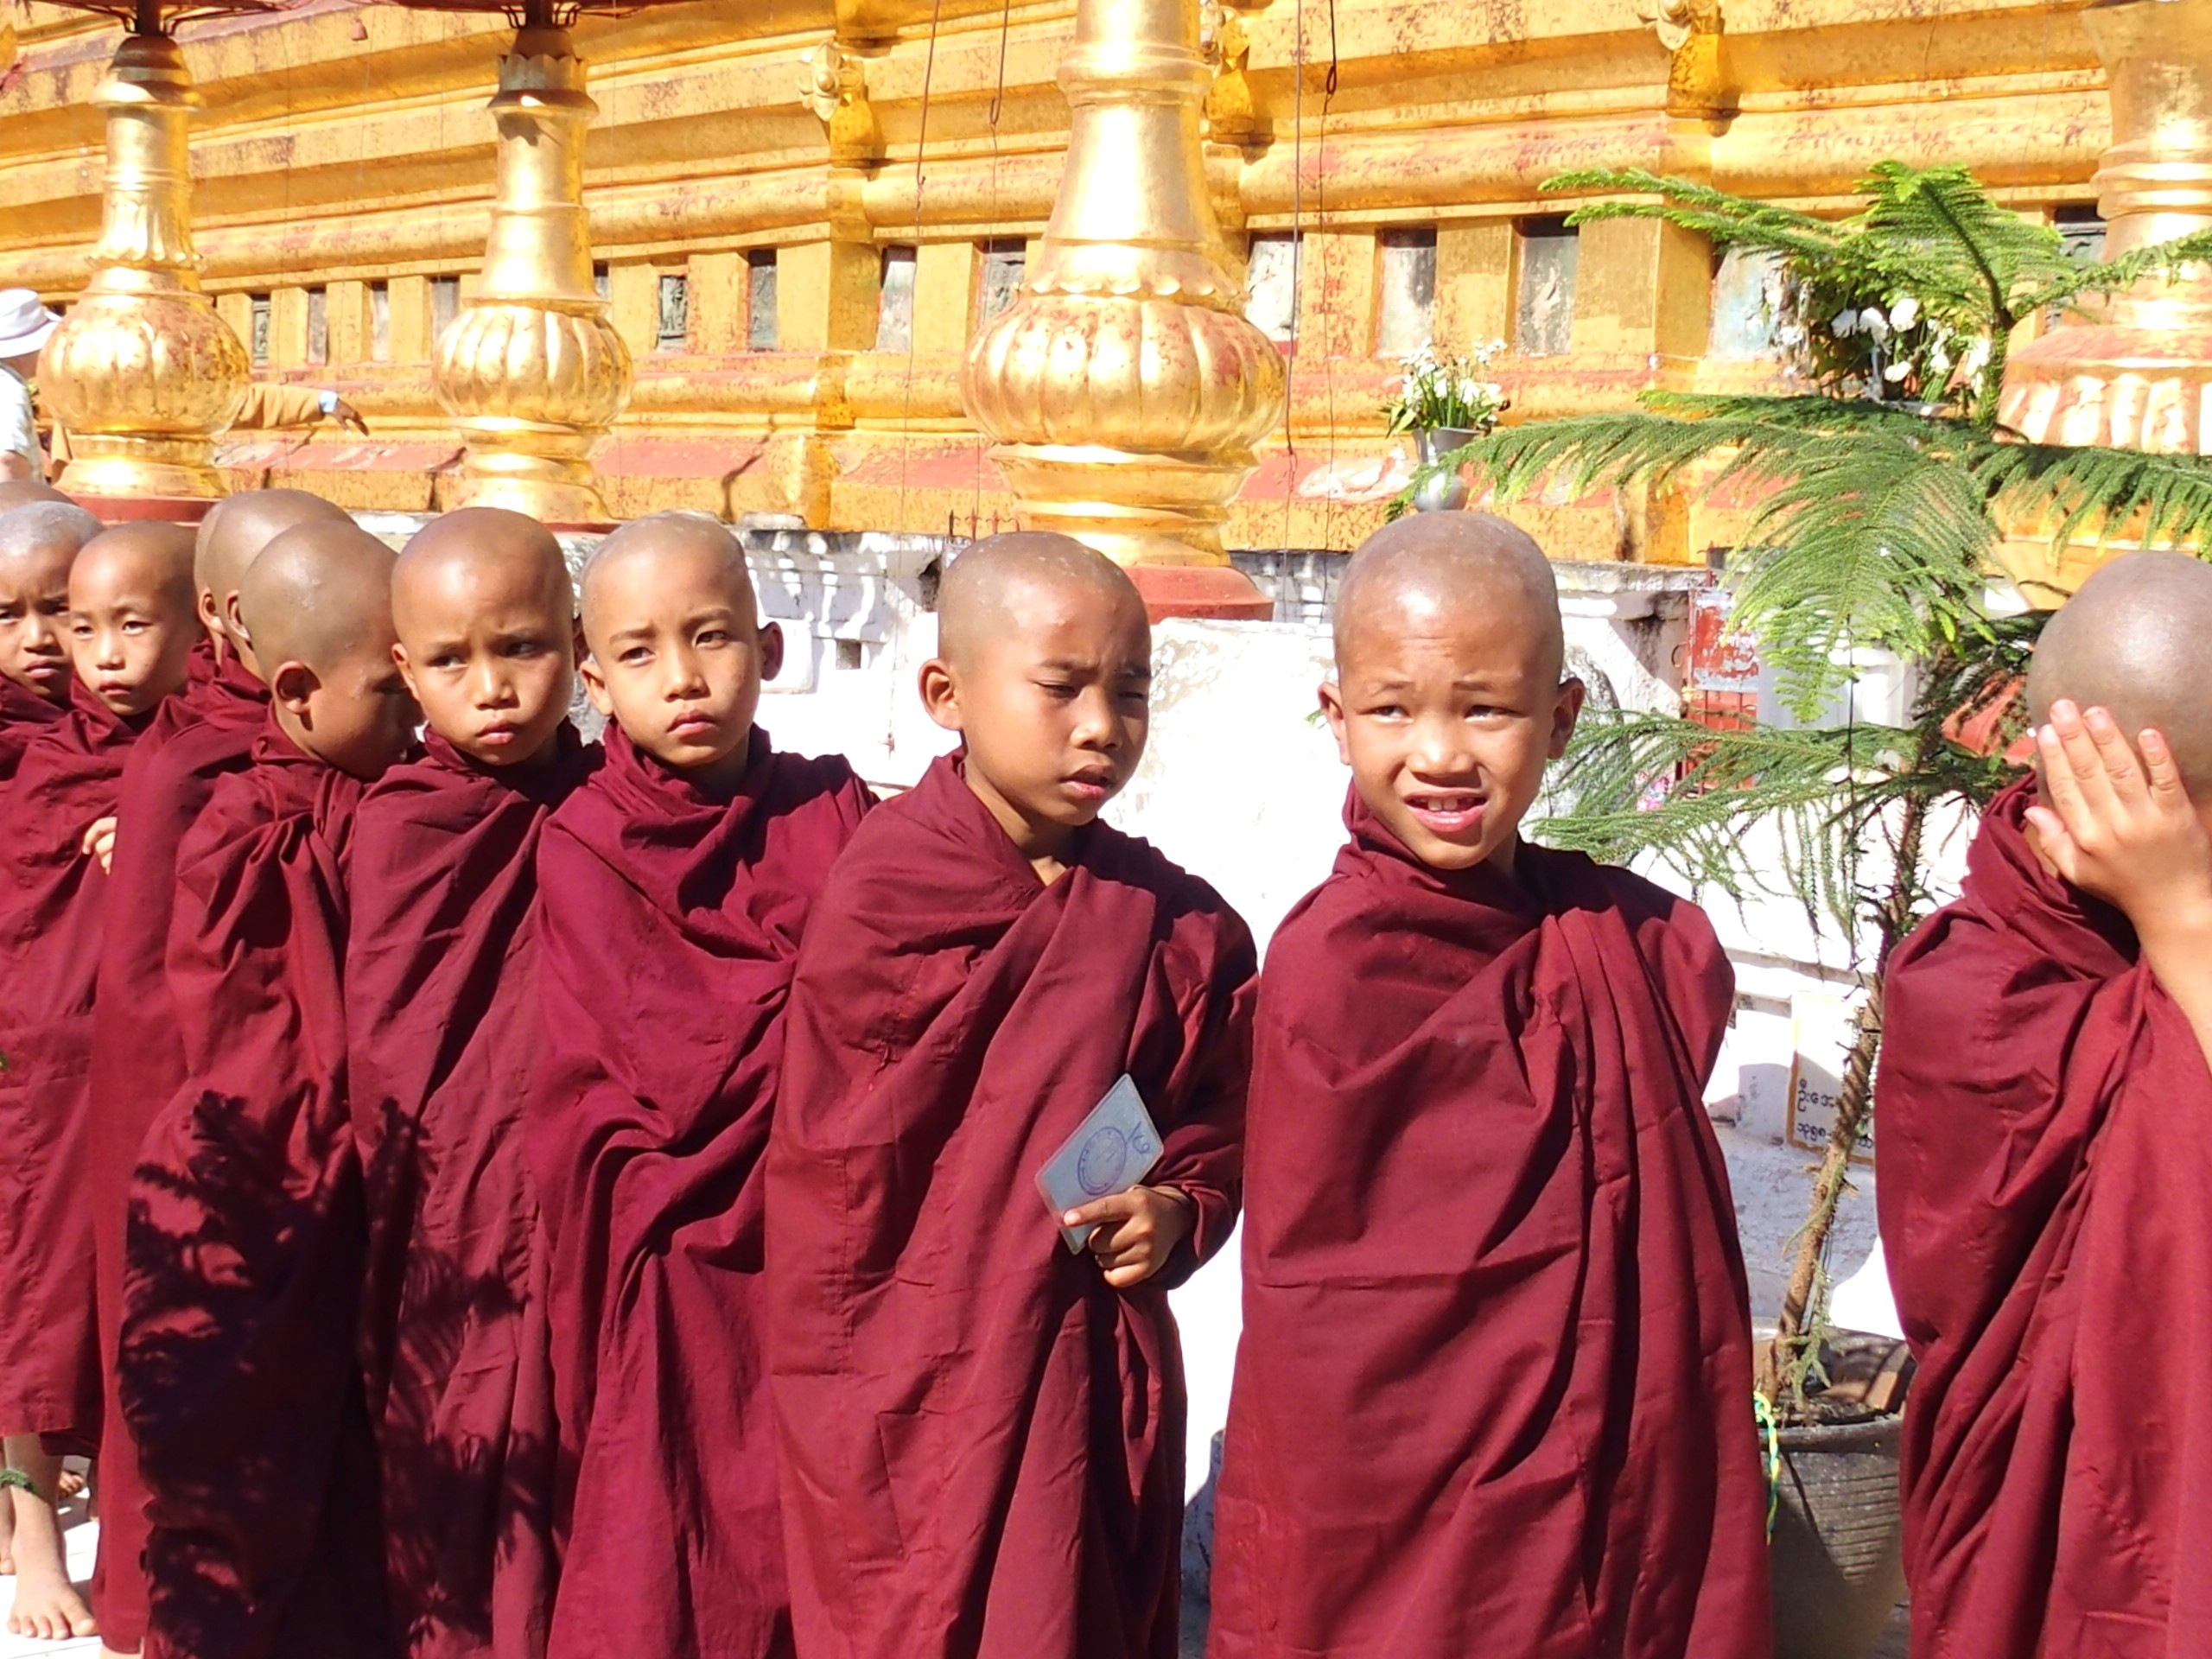 Novices-dans-la-chaleur-de-Shwezigon-Bagan-Myanmar